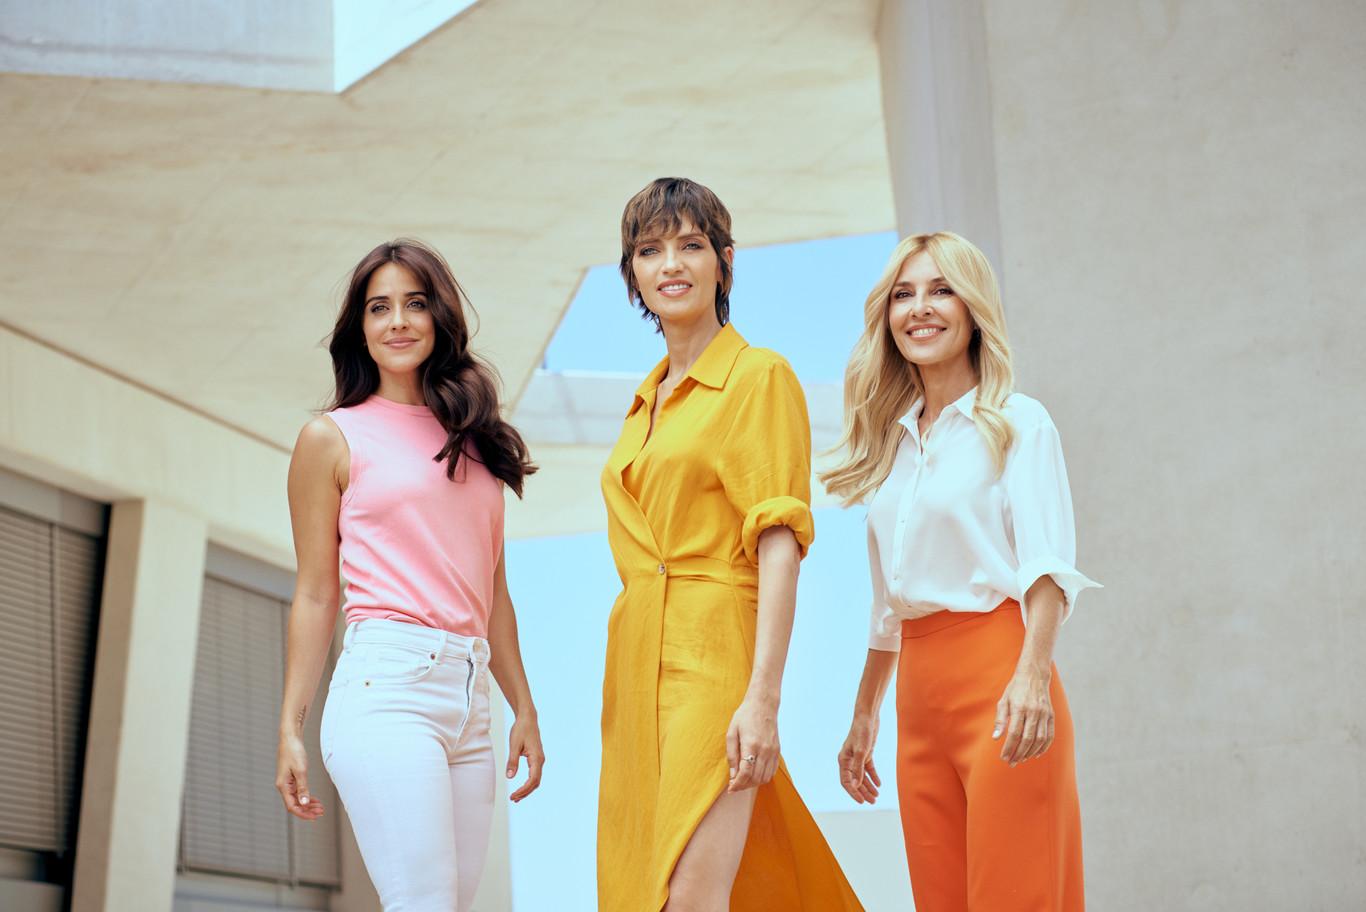 Sara Carbonero, Macarena García y Cayetana Guillén Cuero son las protagonistas de la nueva campaña de Elvive de L'Oreal Paris